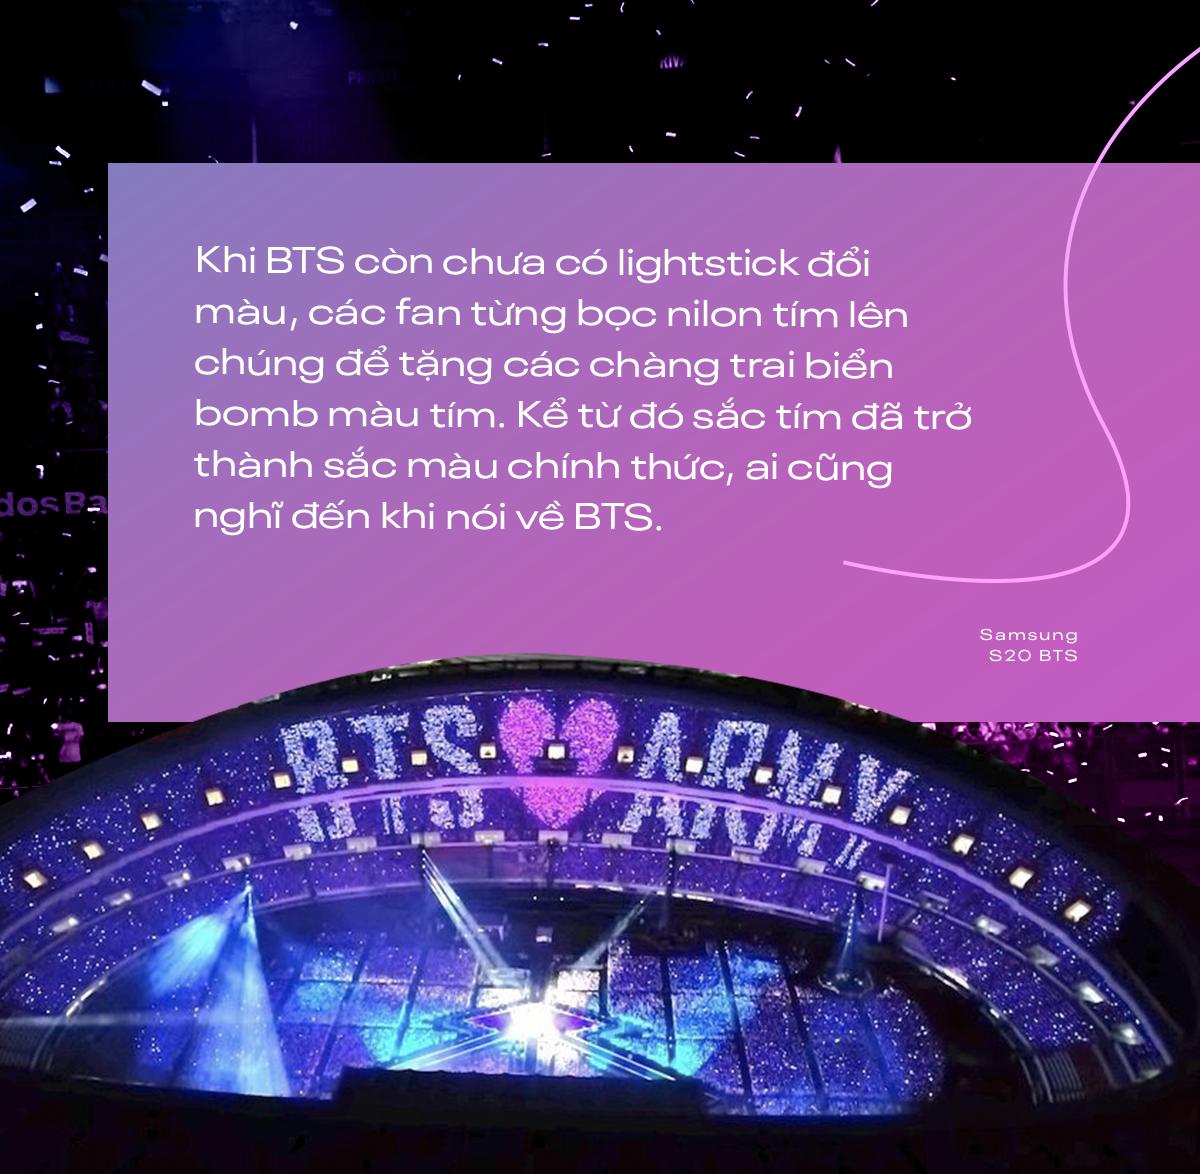 I Purple You - từ câu nói nổi tiếng dành riêng cho ARMY đến màu tím chỉ biểu trưng cho BTS - Ảnh 3.